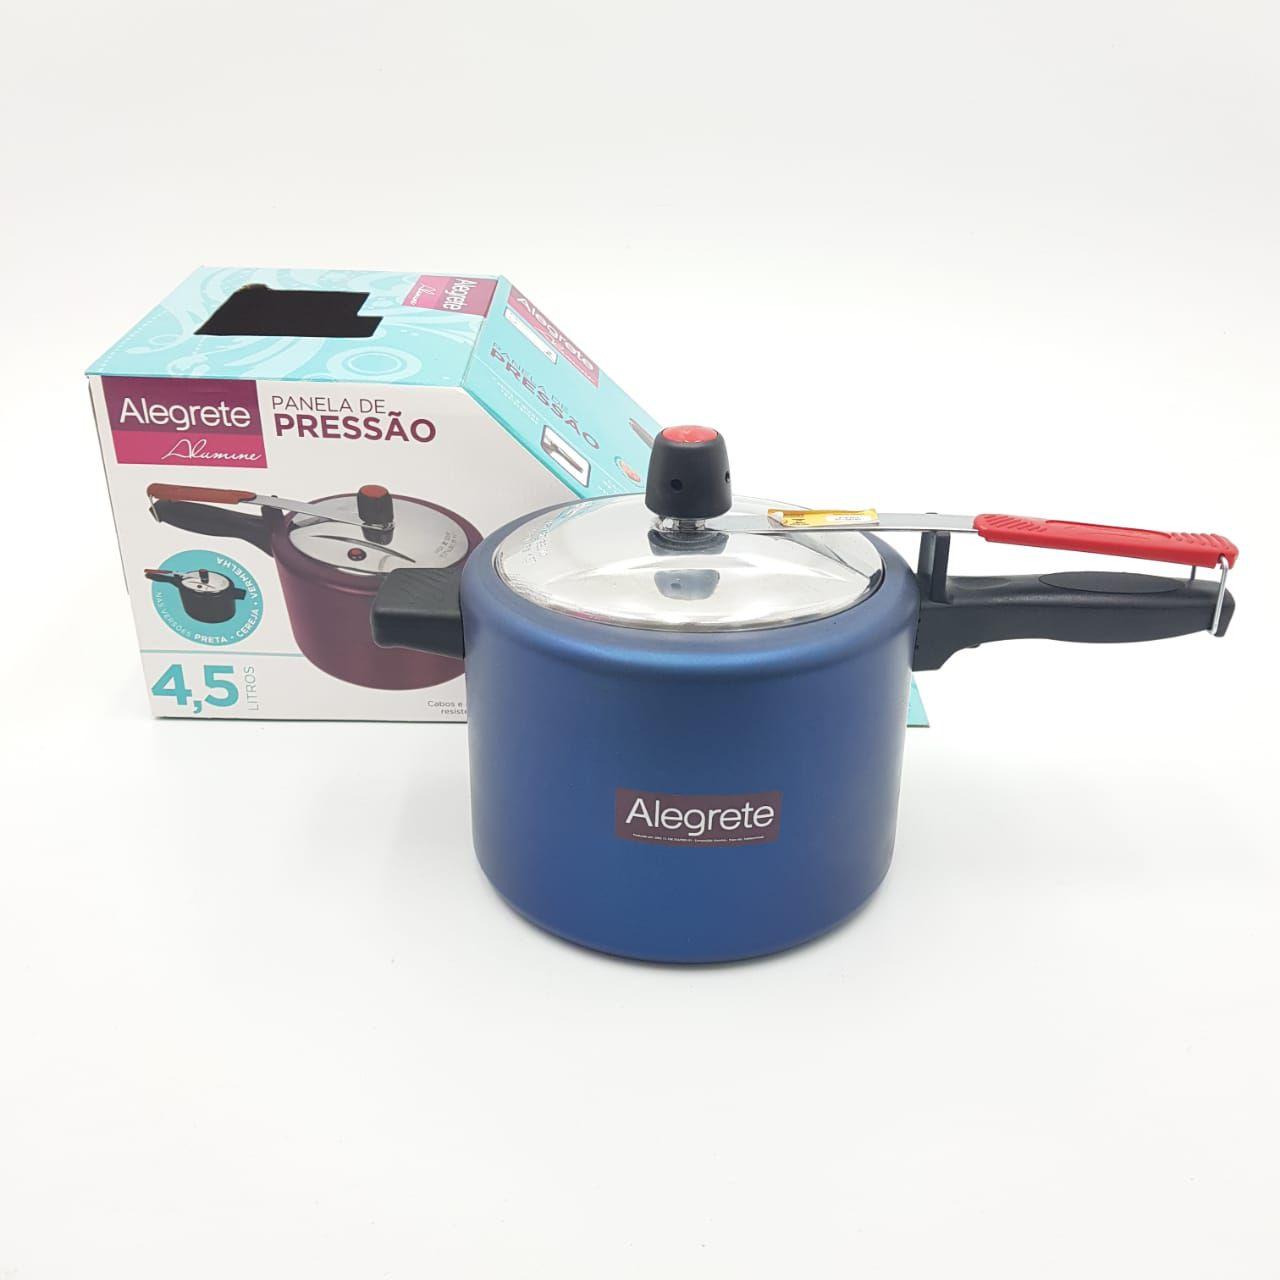 Panela Pressão Antiaderente 4,5 Alegrete Azul Alumine